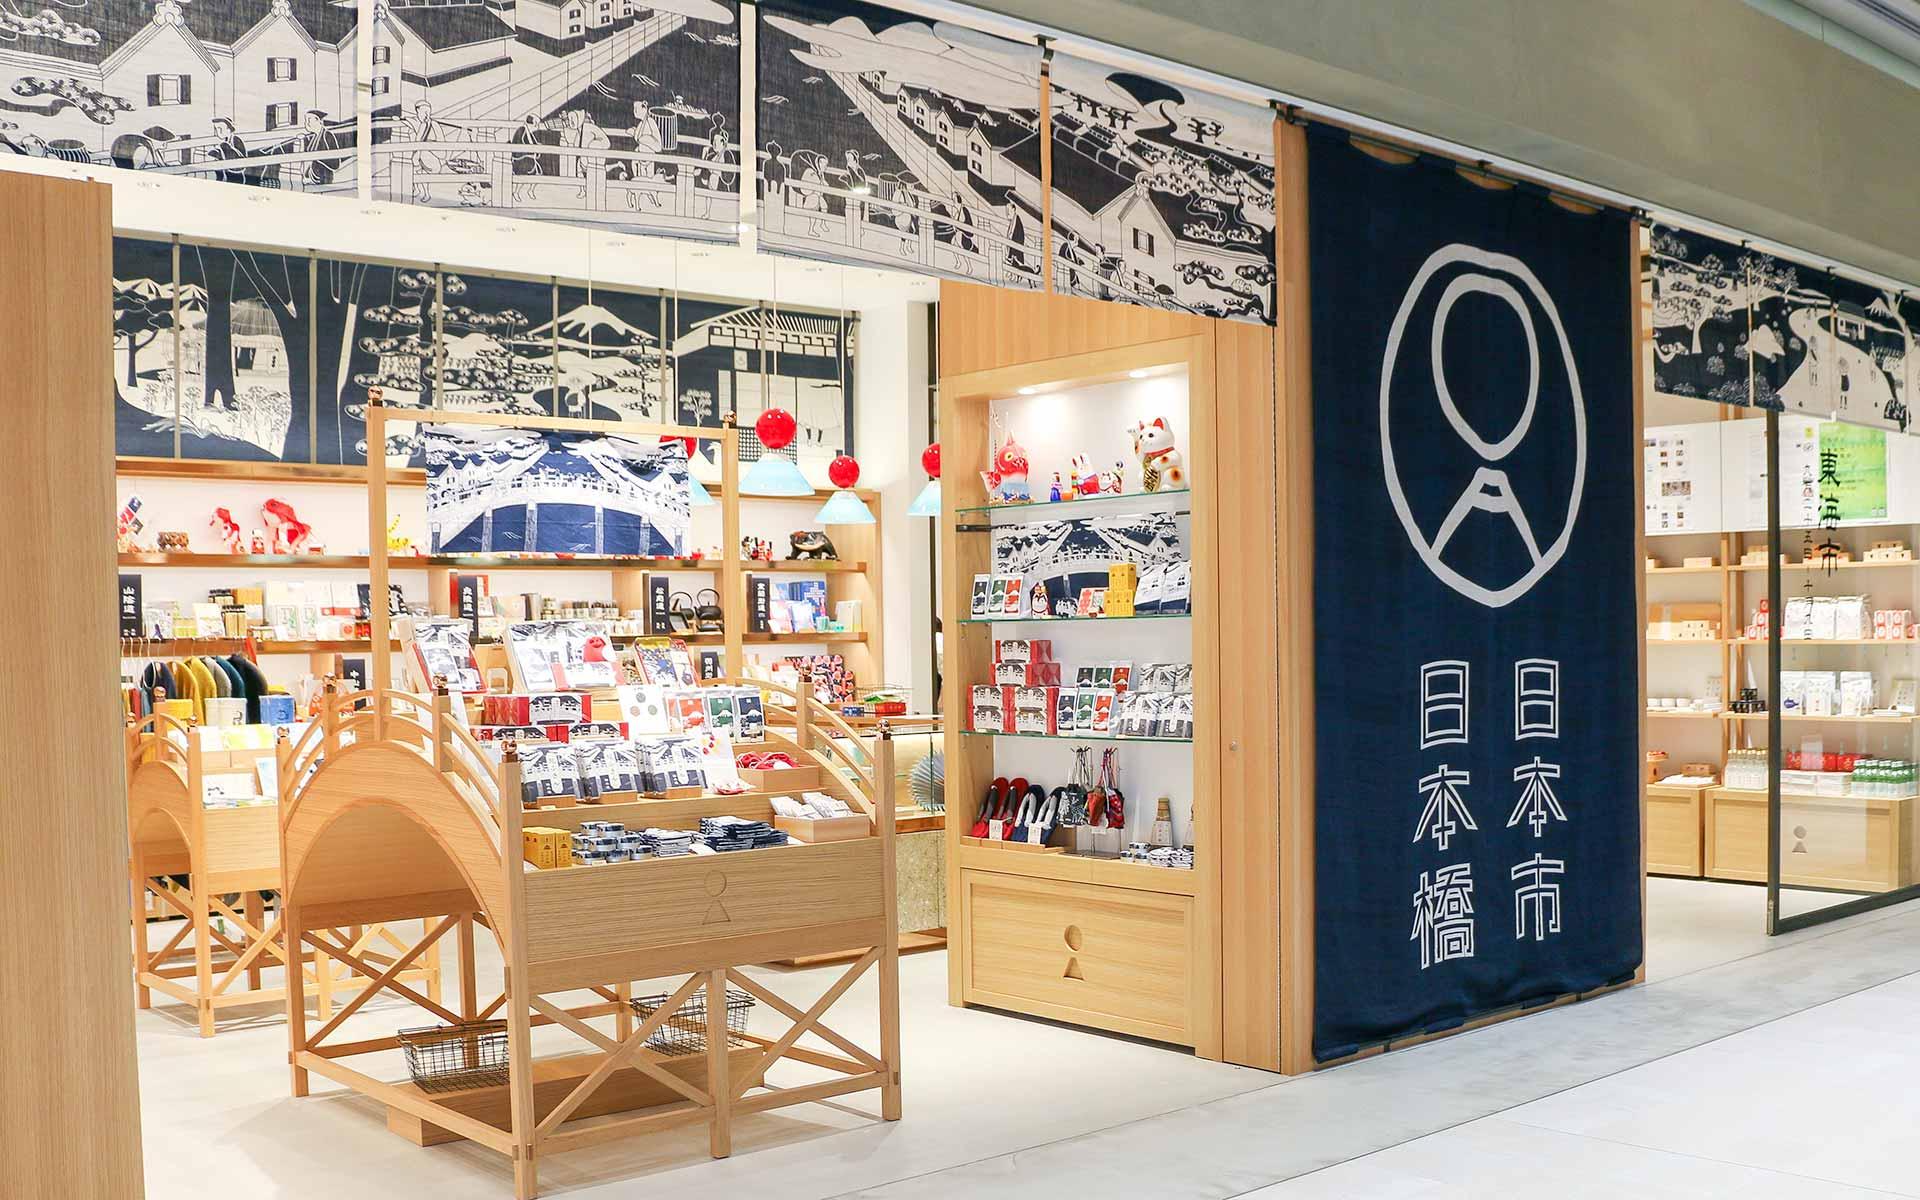 中川政七商店が運営する日本市 日本橋店